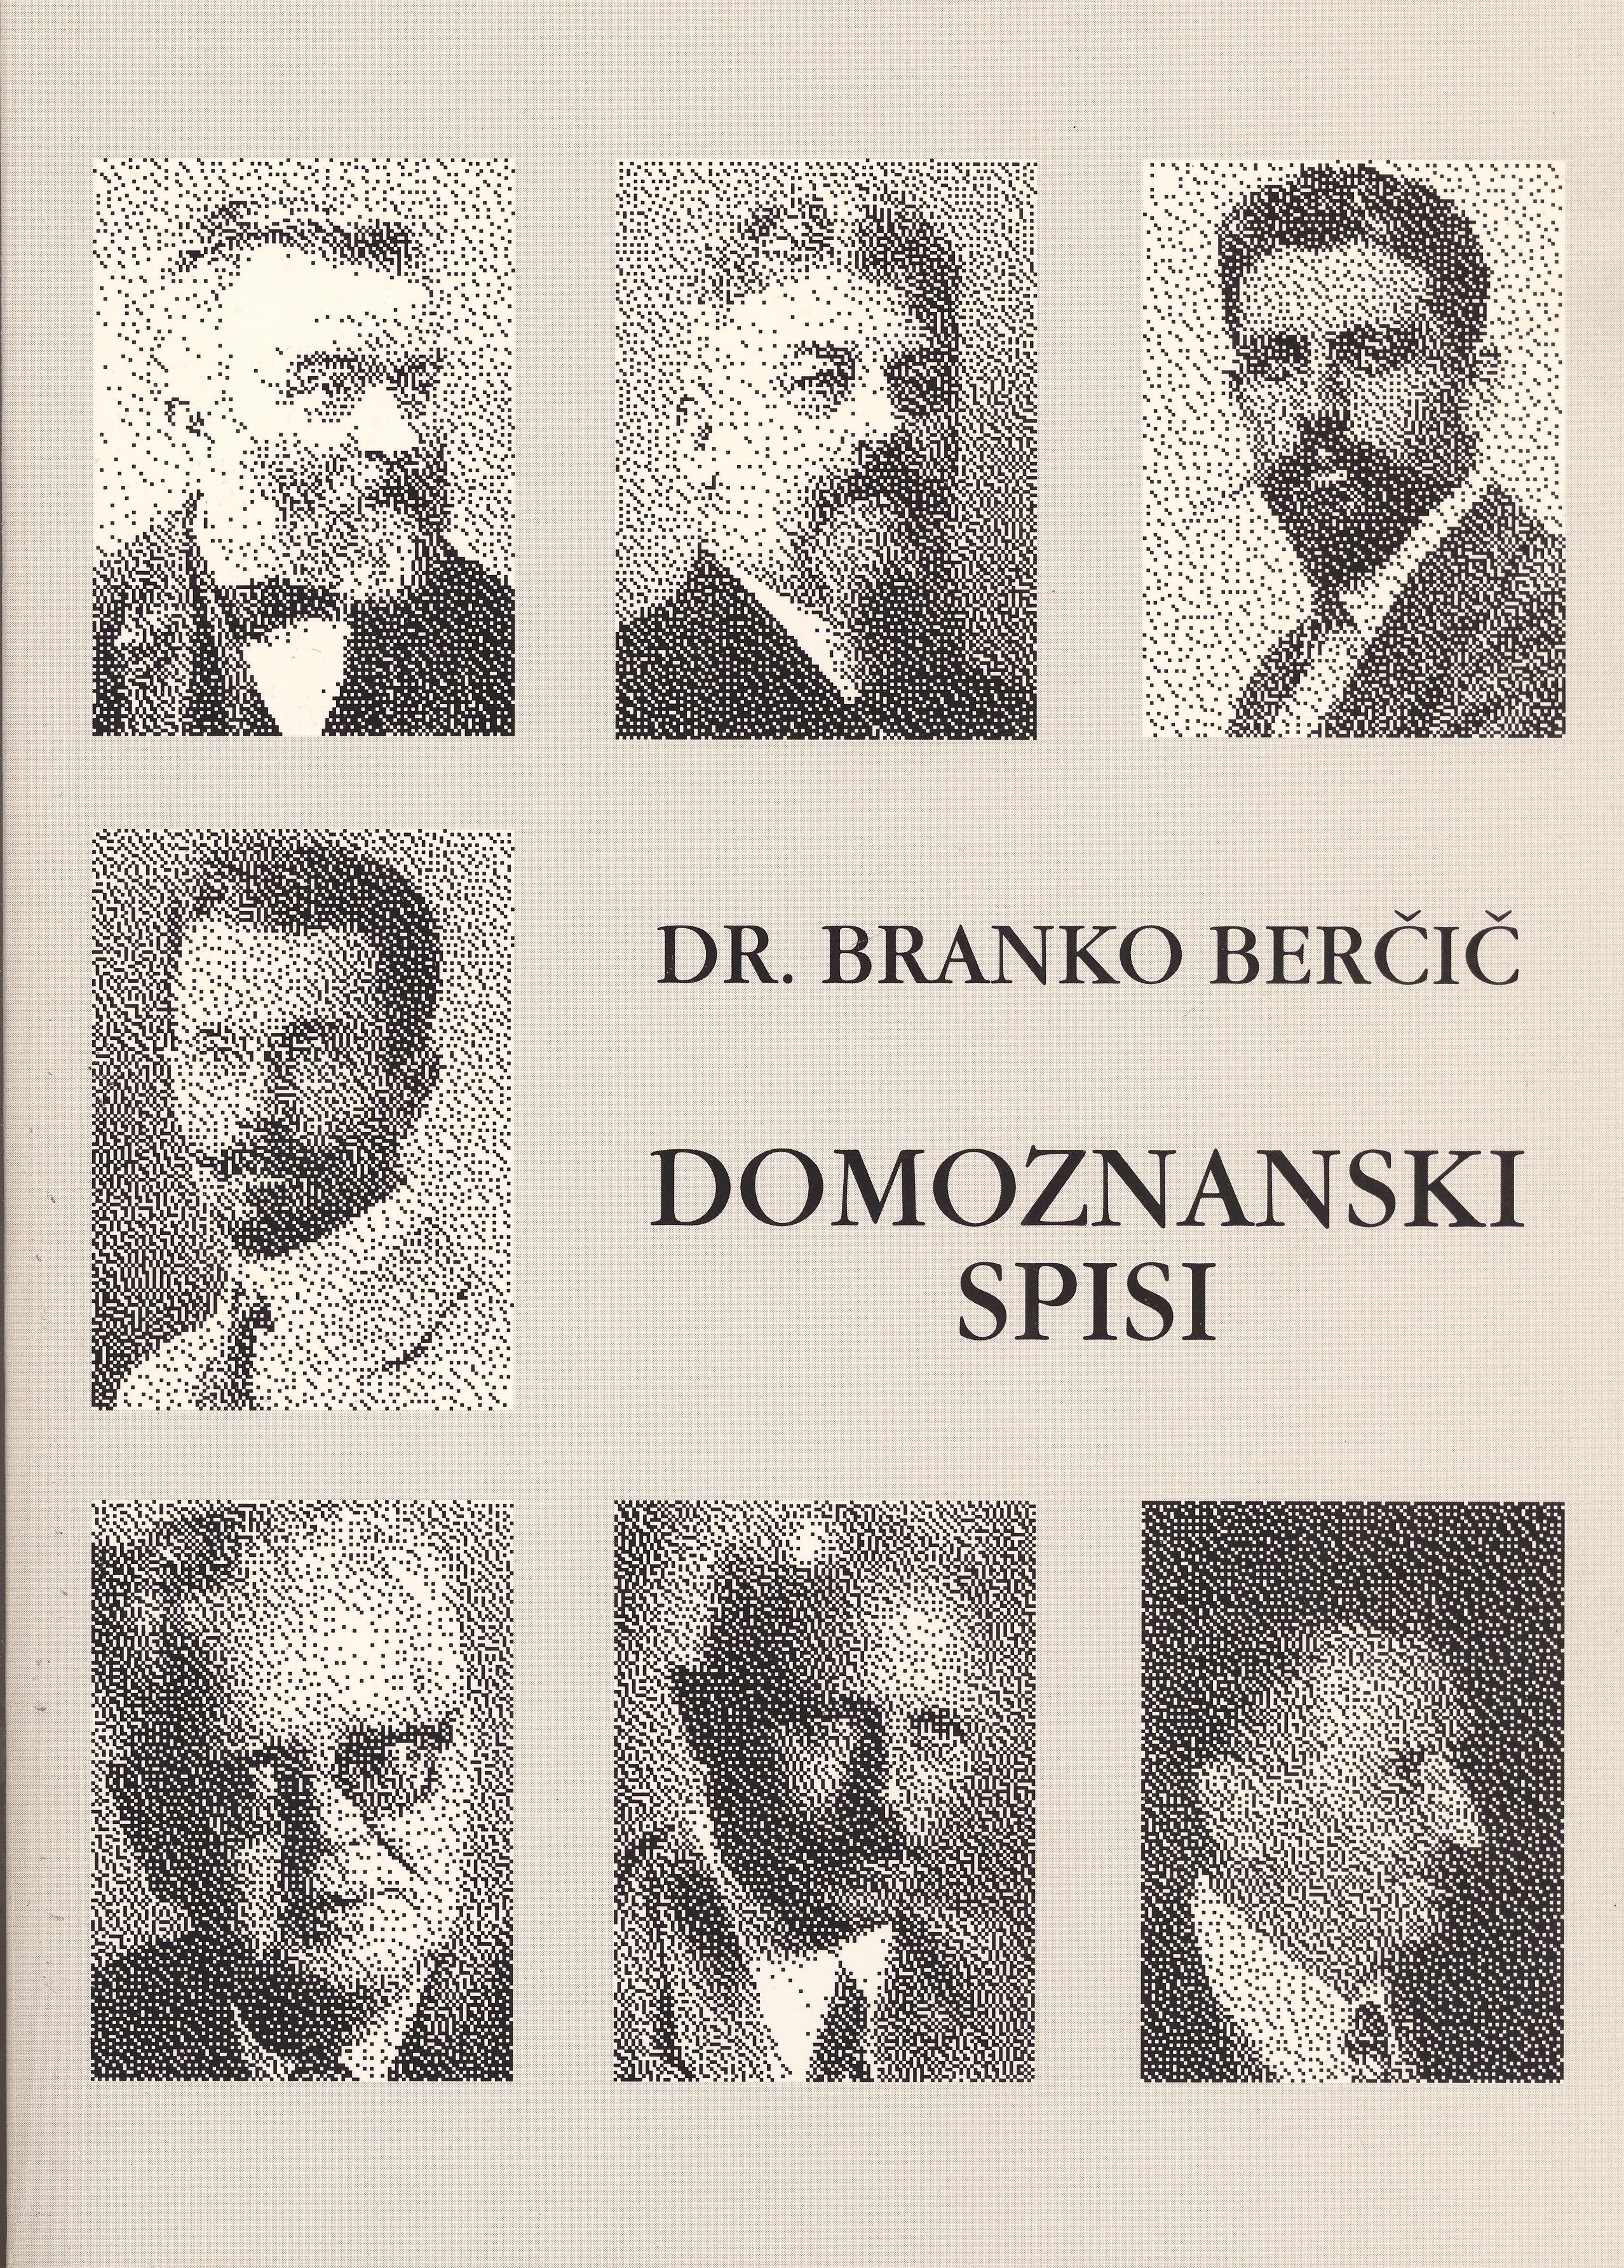 DOMOZNANSKI SPISI Book Cover